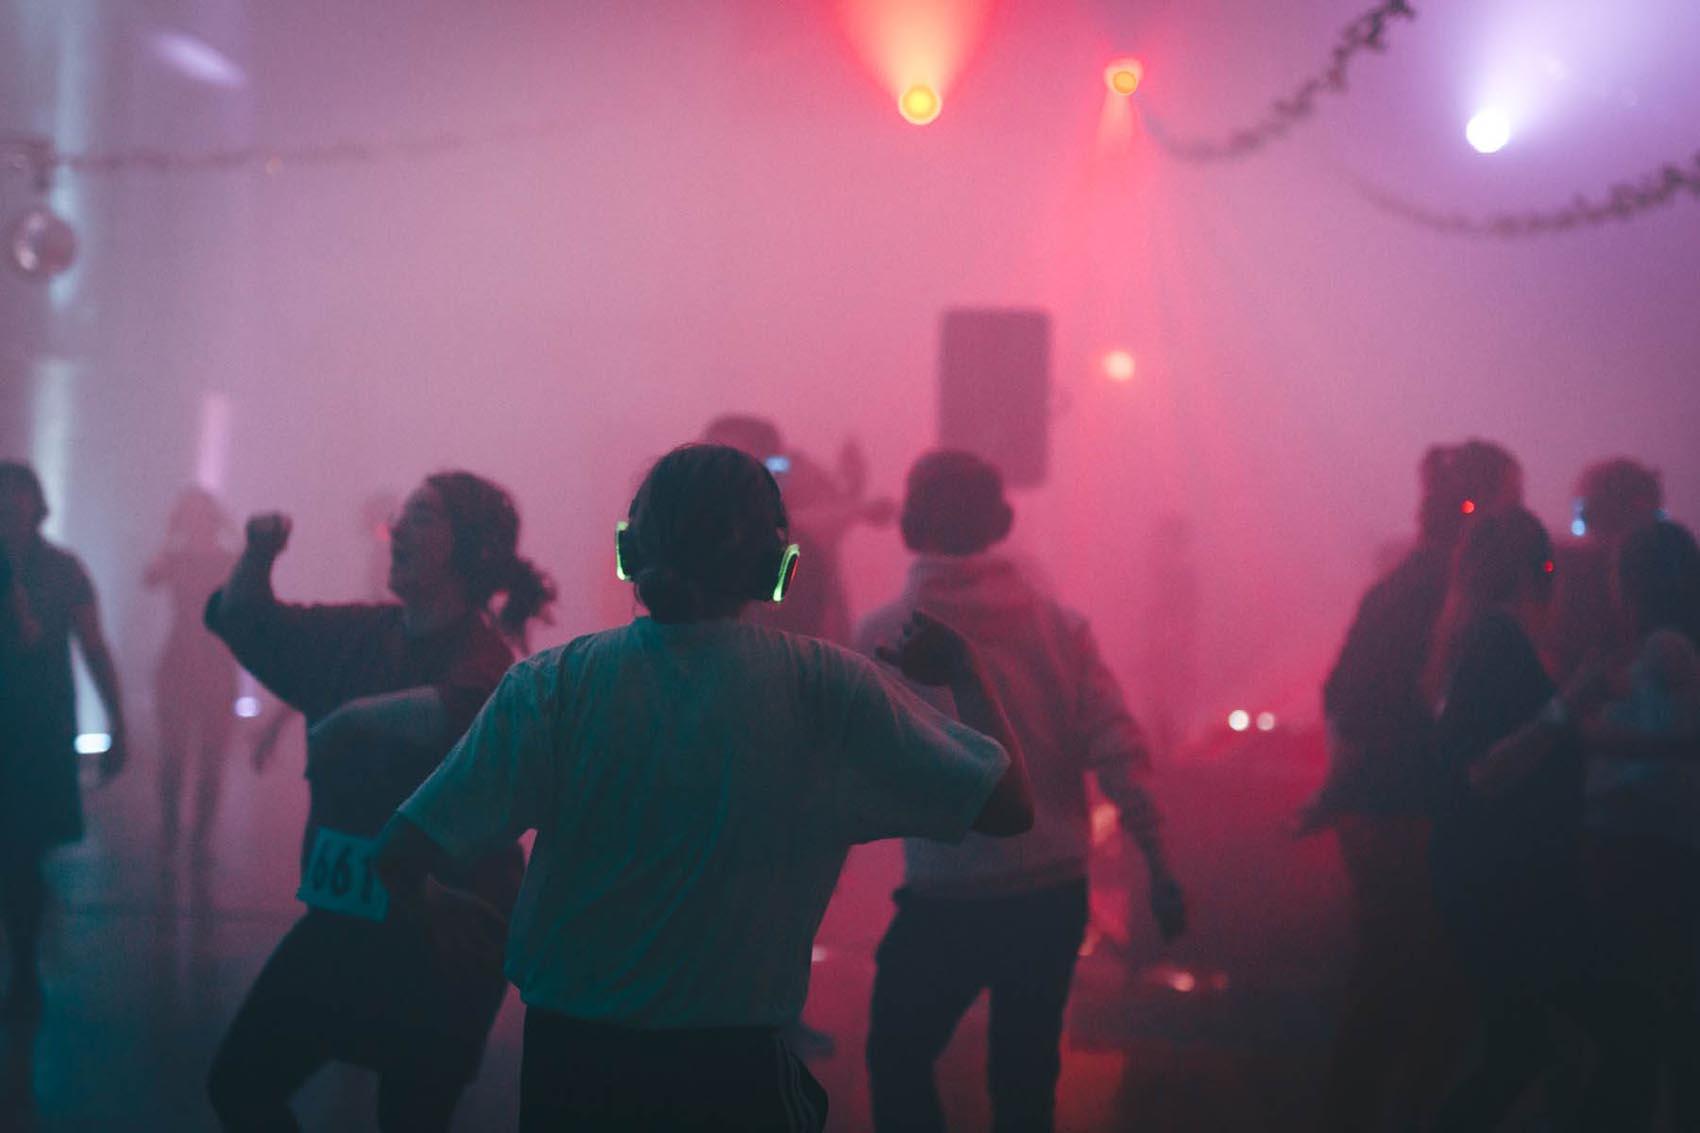 Tasa Pralle/Silent Disco